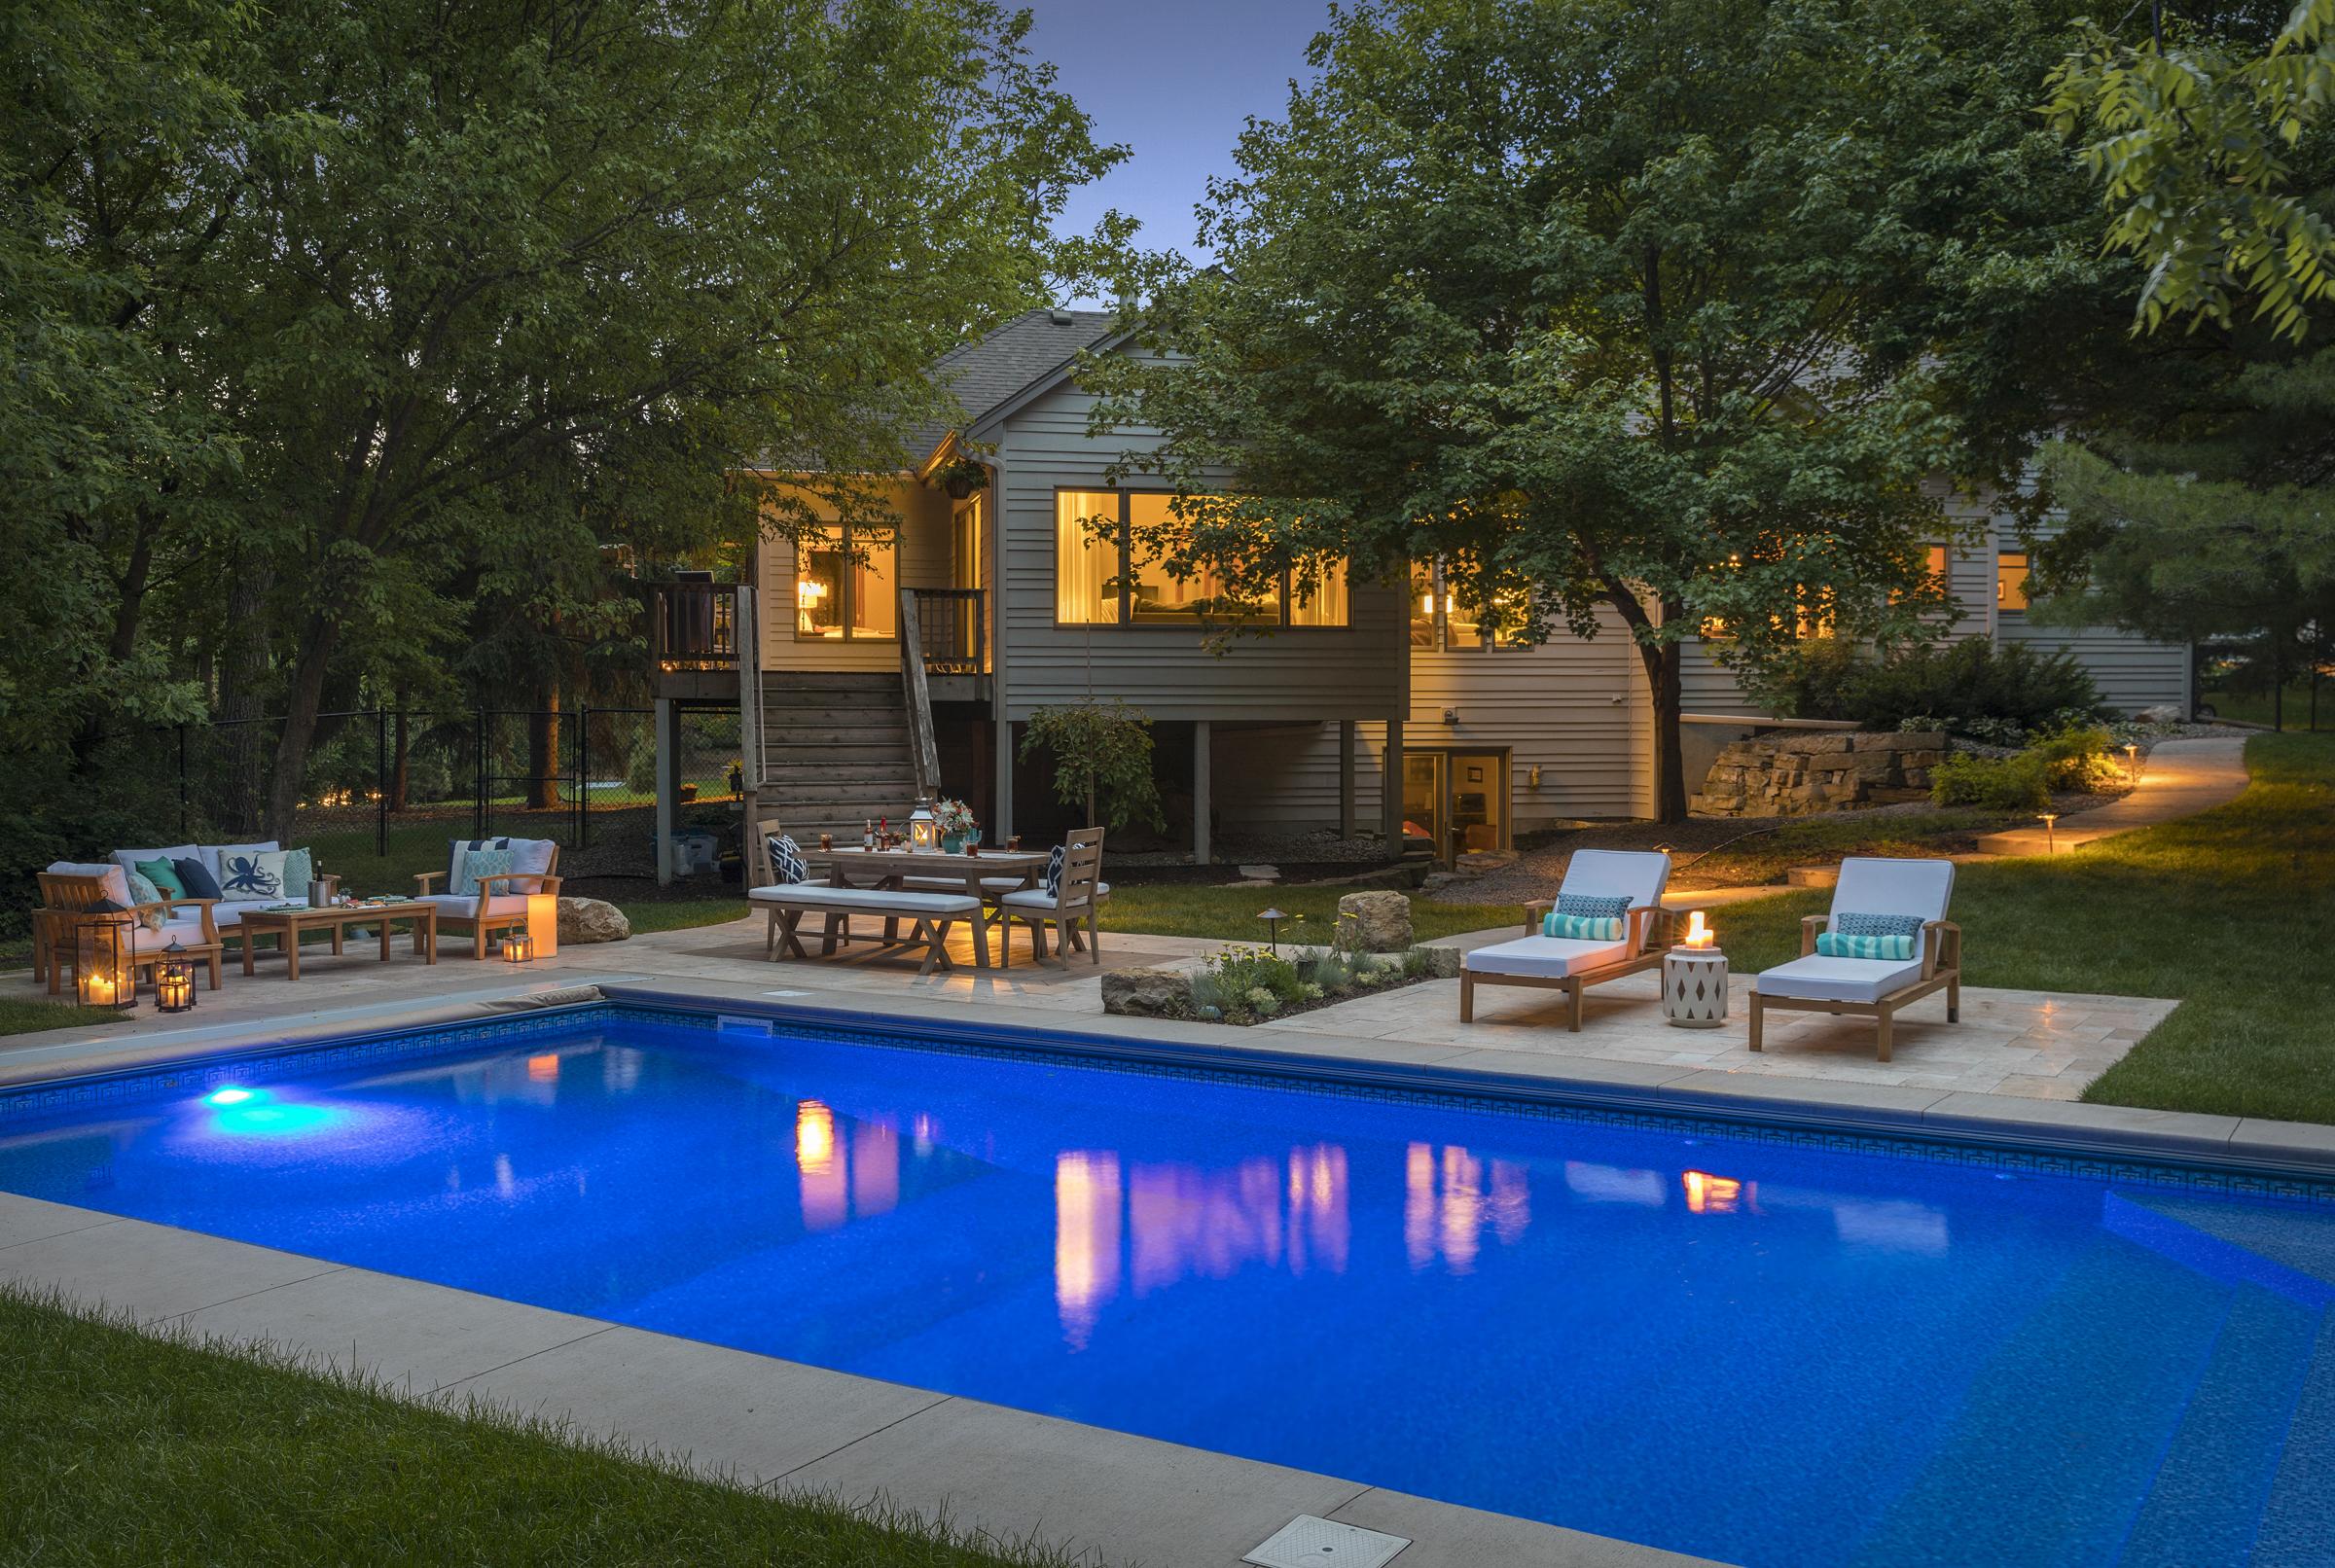 Residential Landscape Design/Outdoor Living Under $60,000